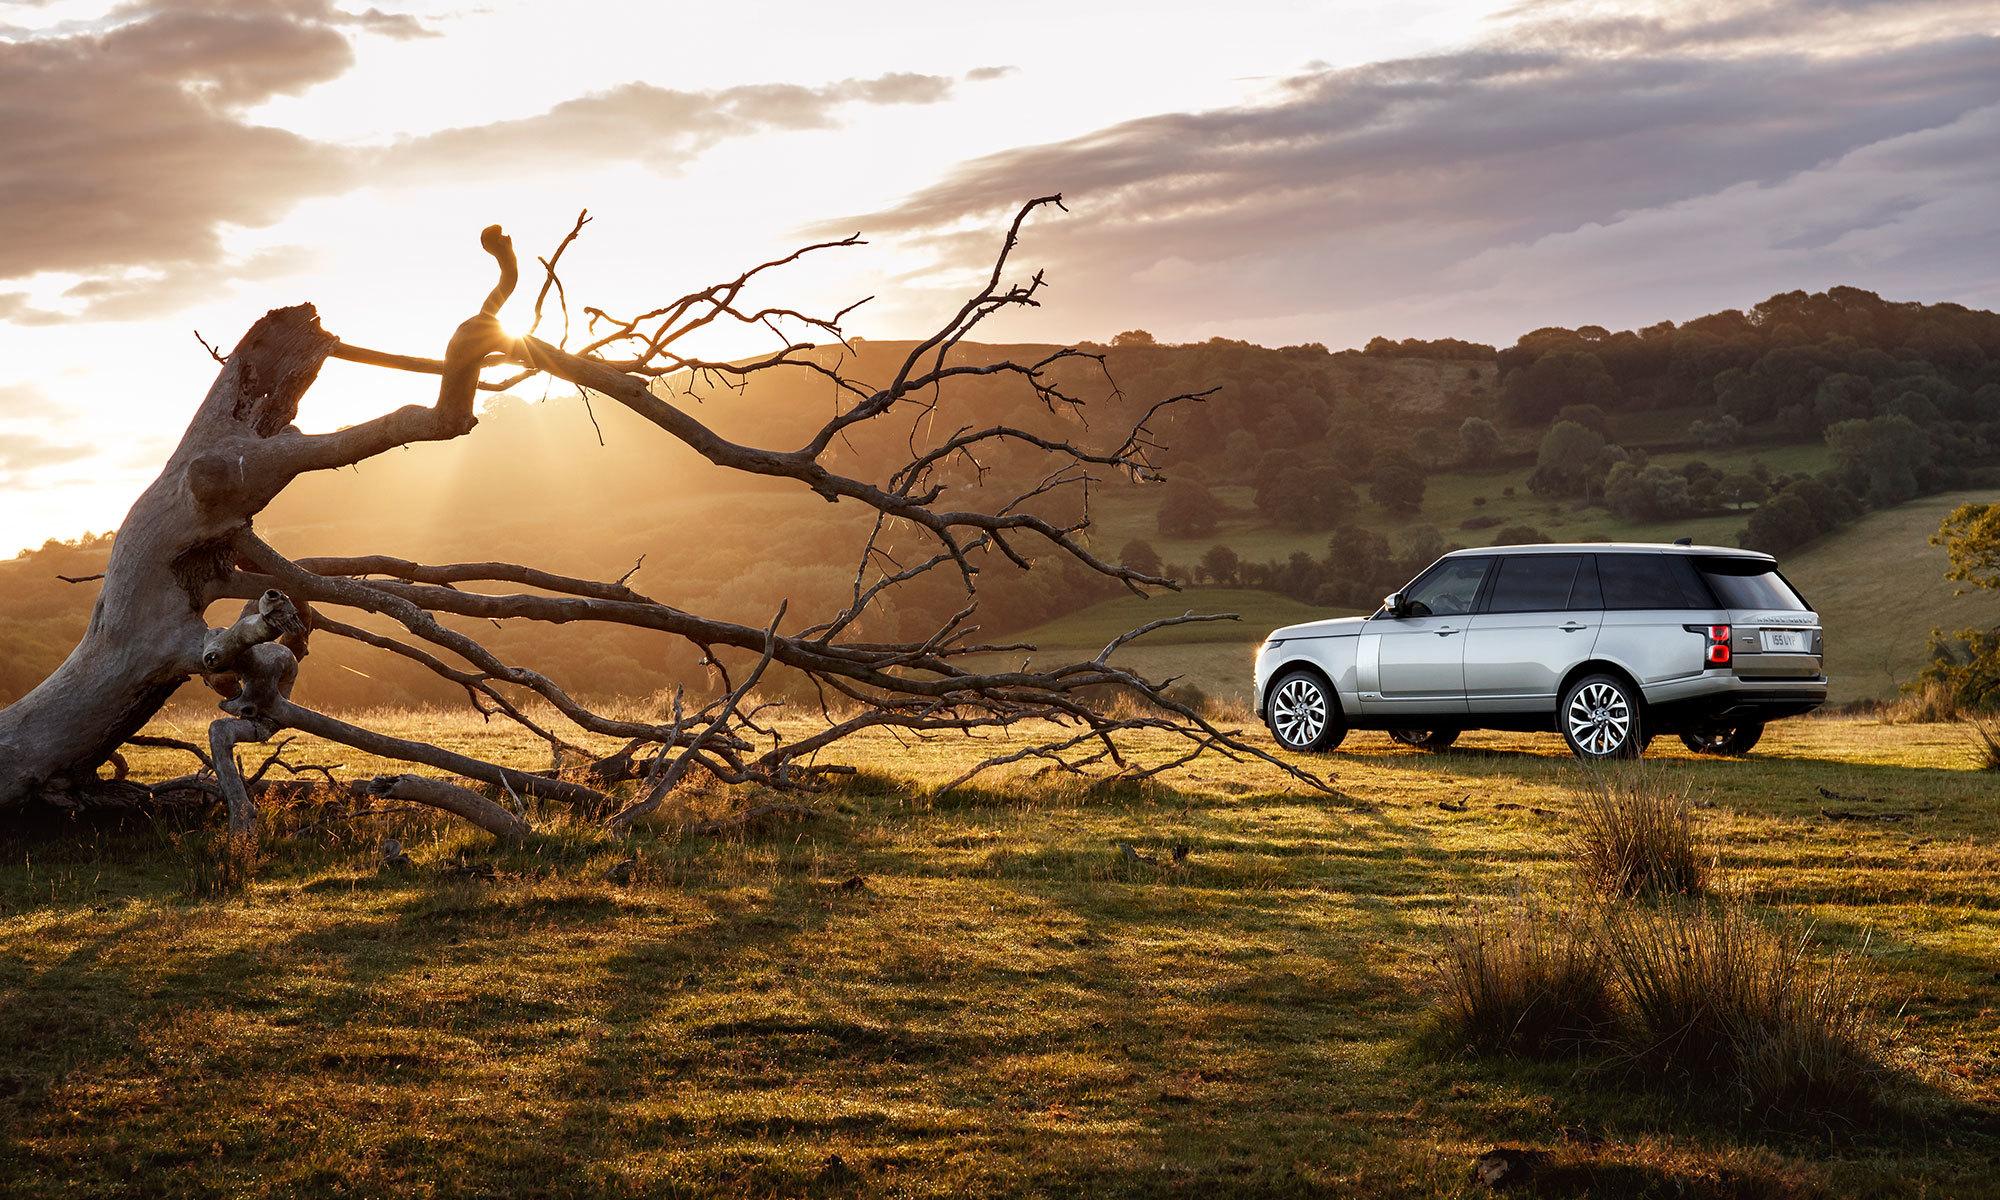 Range Rover Lifestyle Image